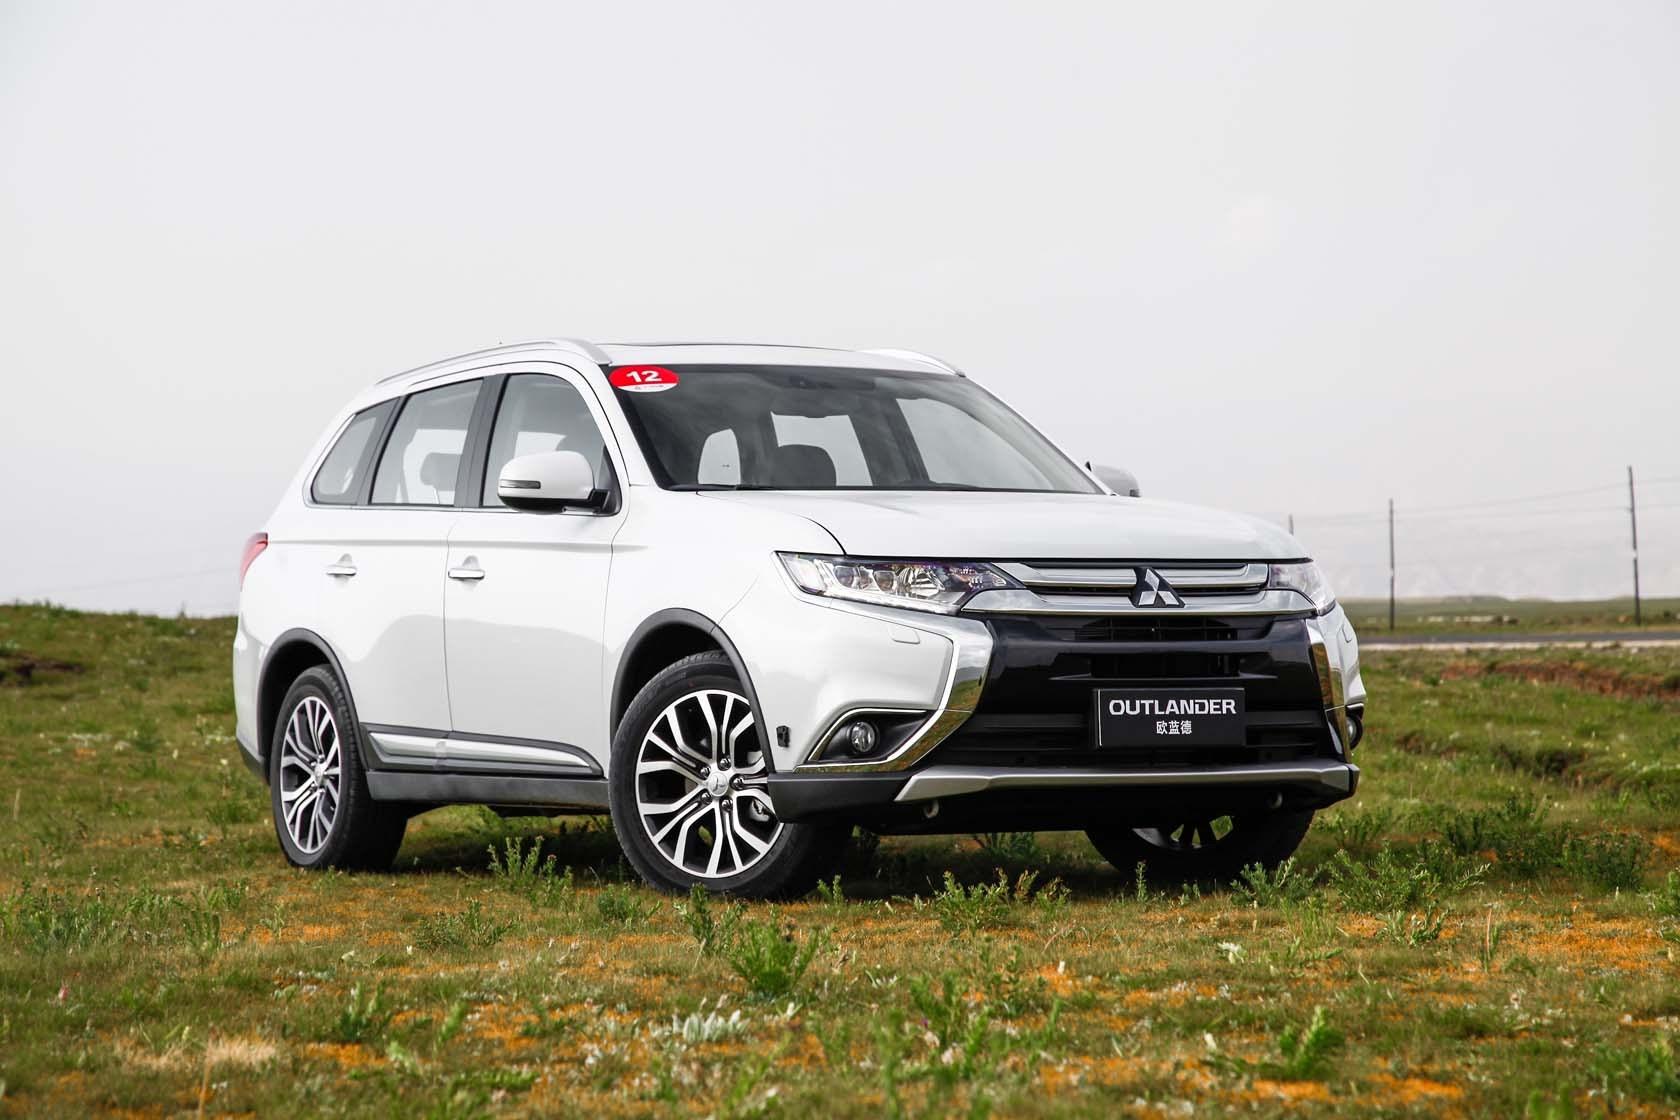 广汽三菱欧蓝德发布 预售价16万-24万元